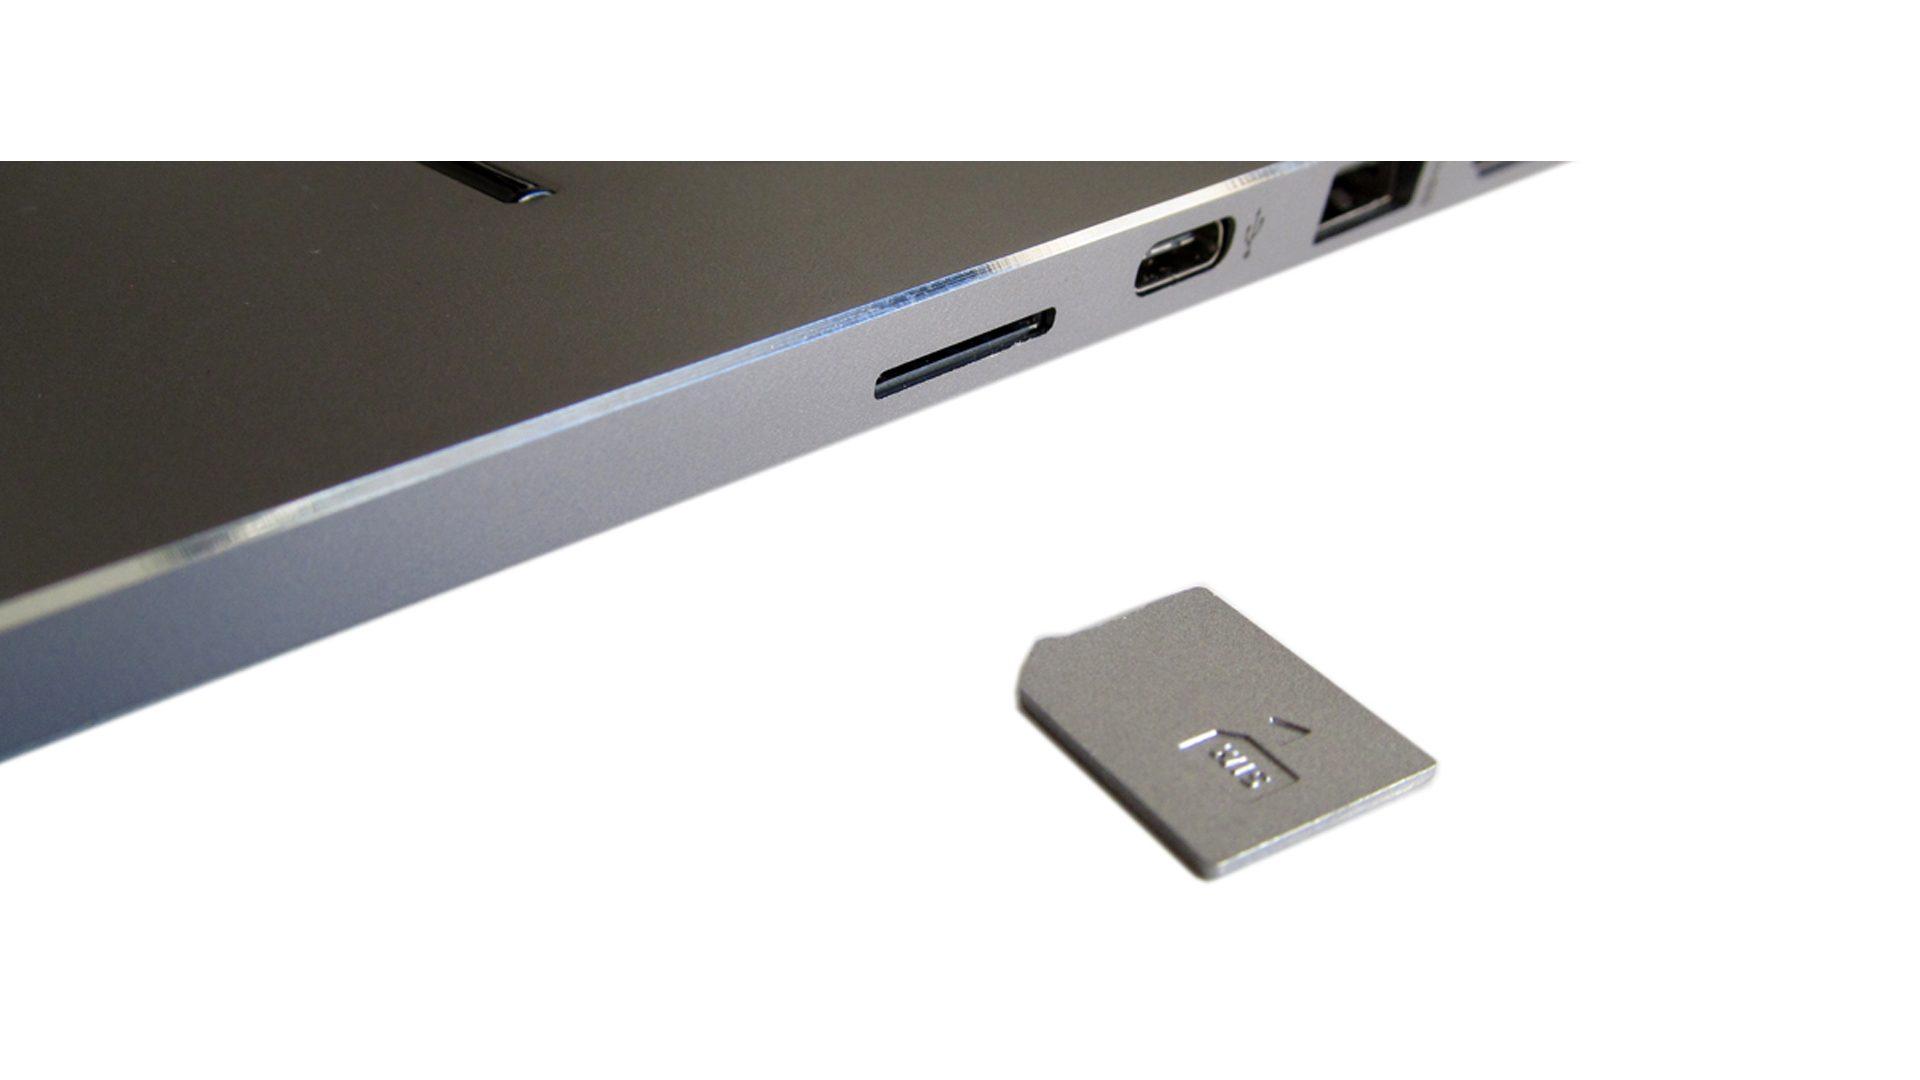 Slot für die SIM-Karte (LTE fähig)